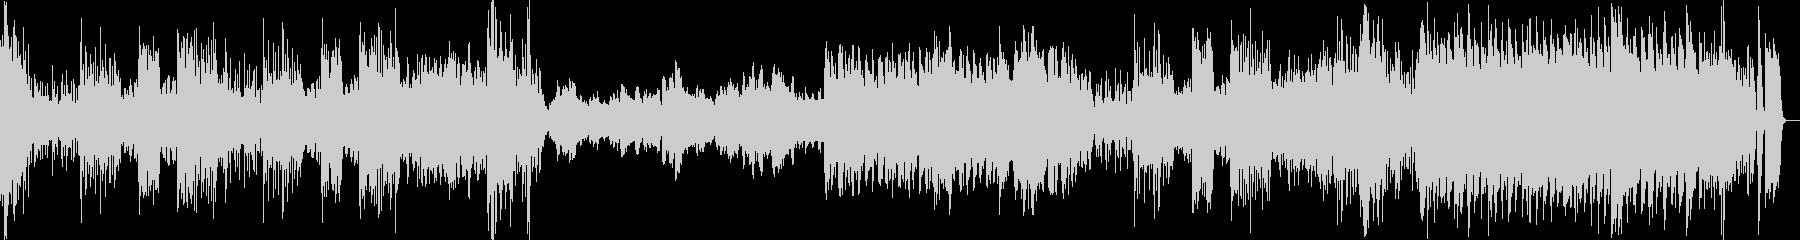 テレビやCMで使われるクラシック音楽の未再生の波形